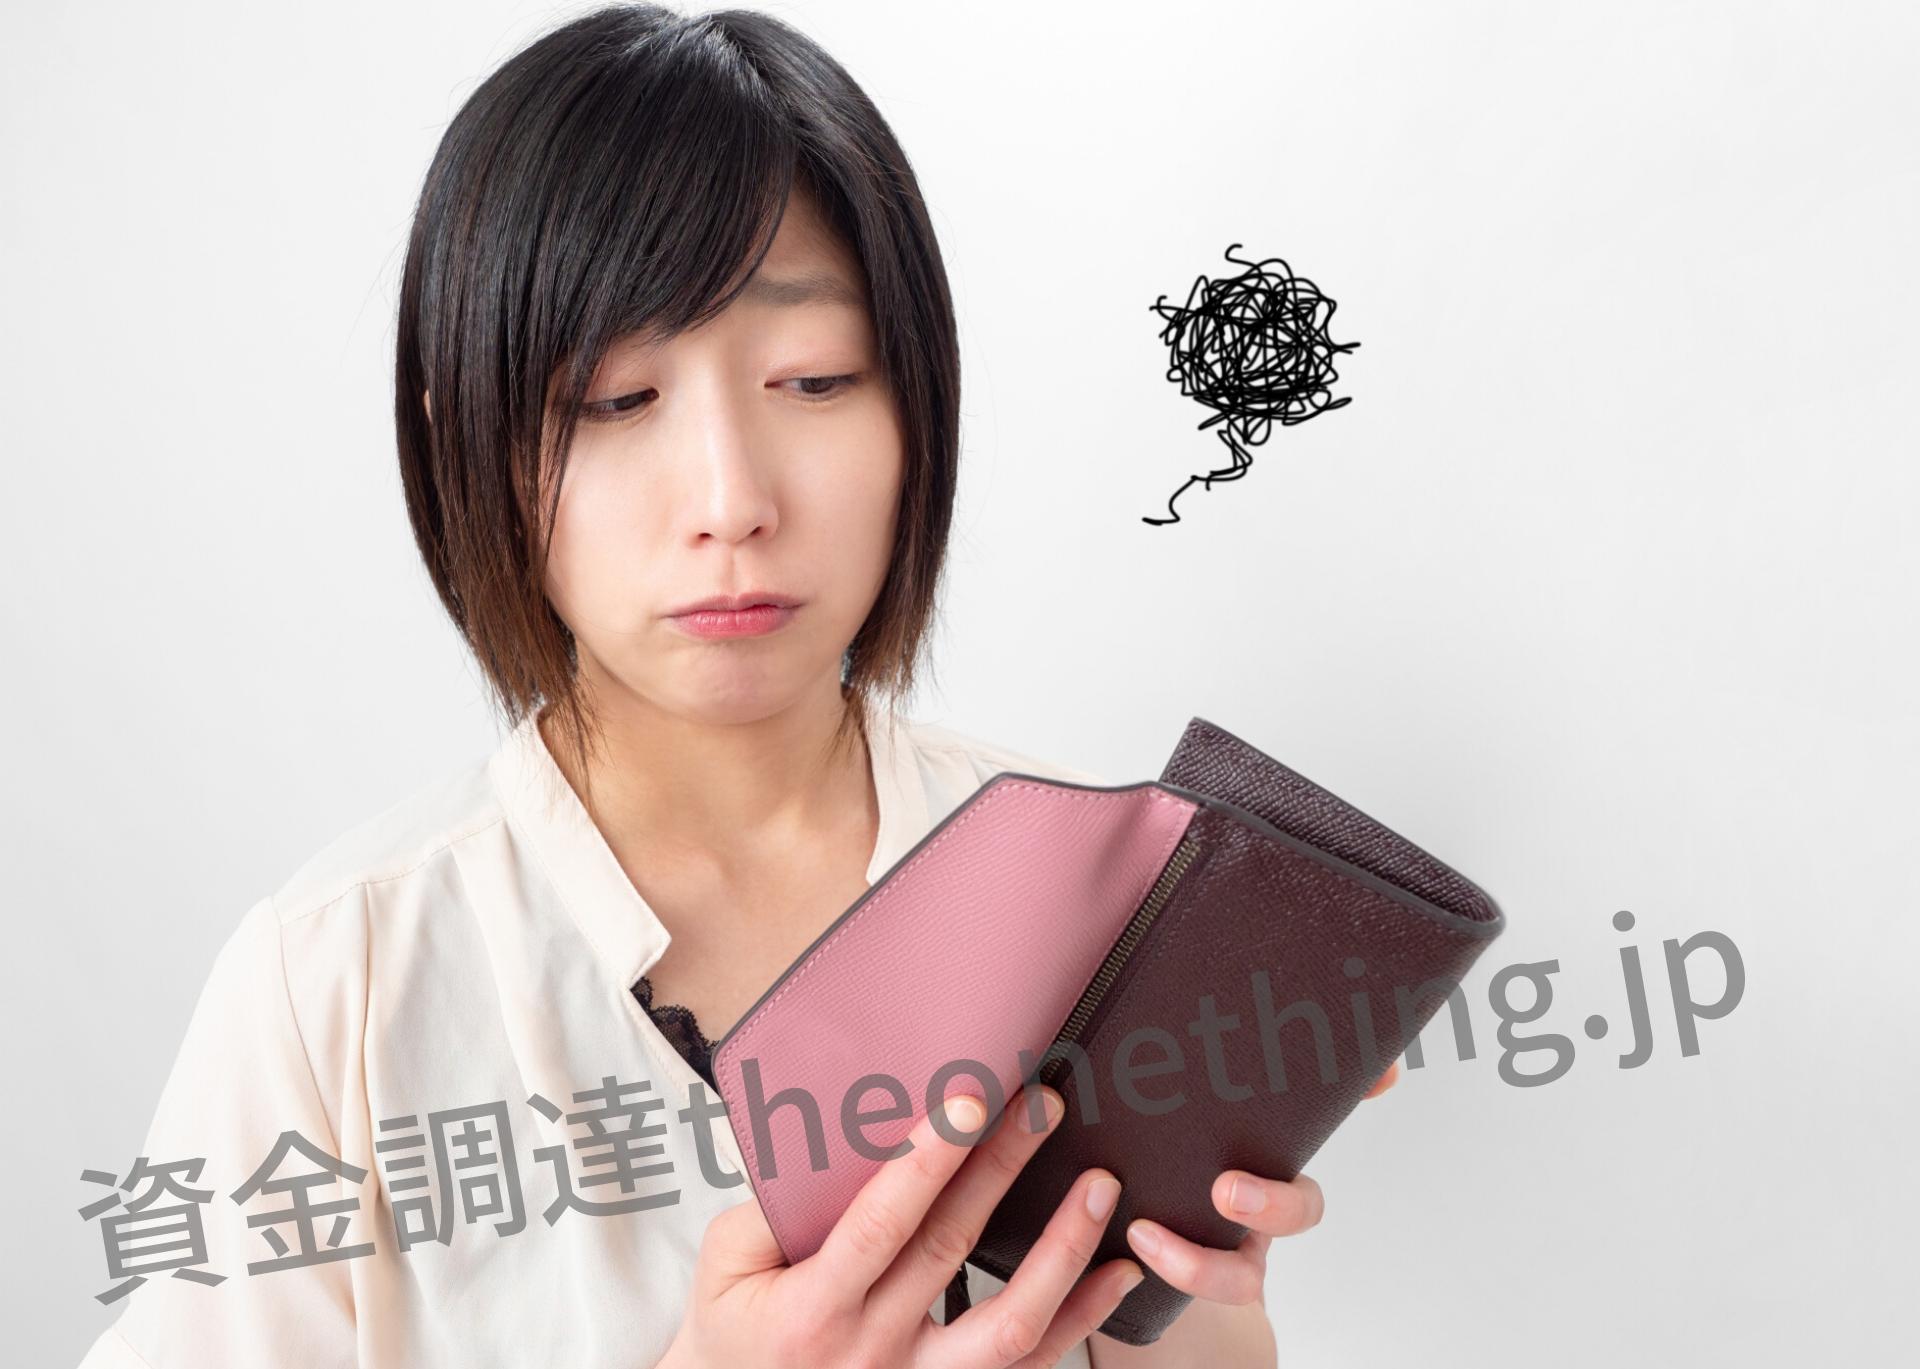 【給与前借り】給与ファクタリング資金調達onething (6)